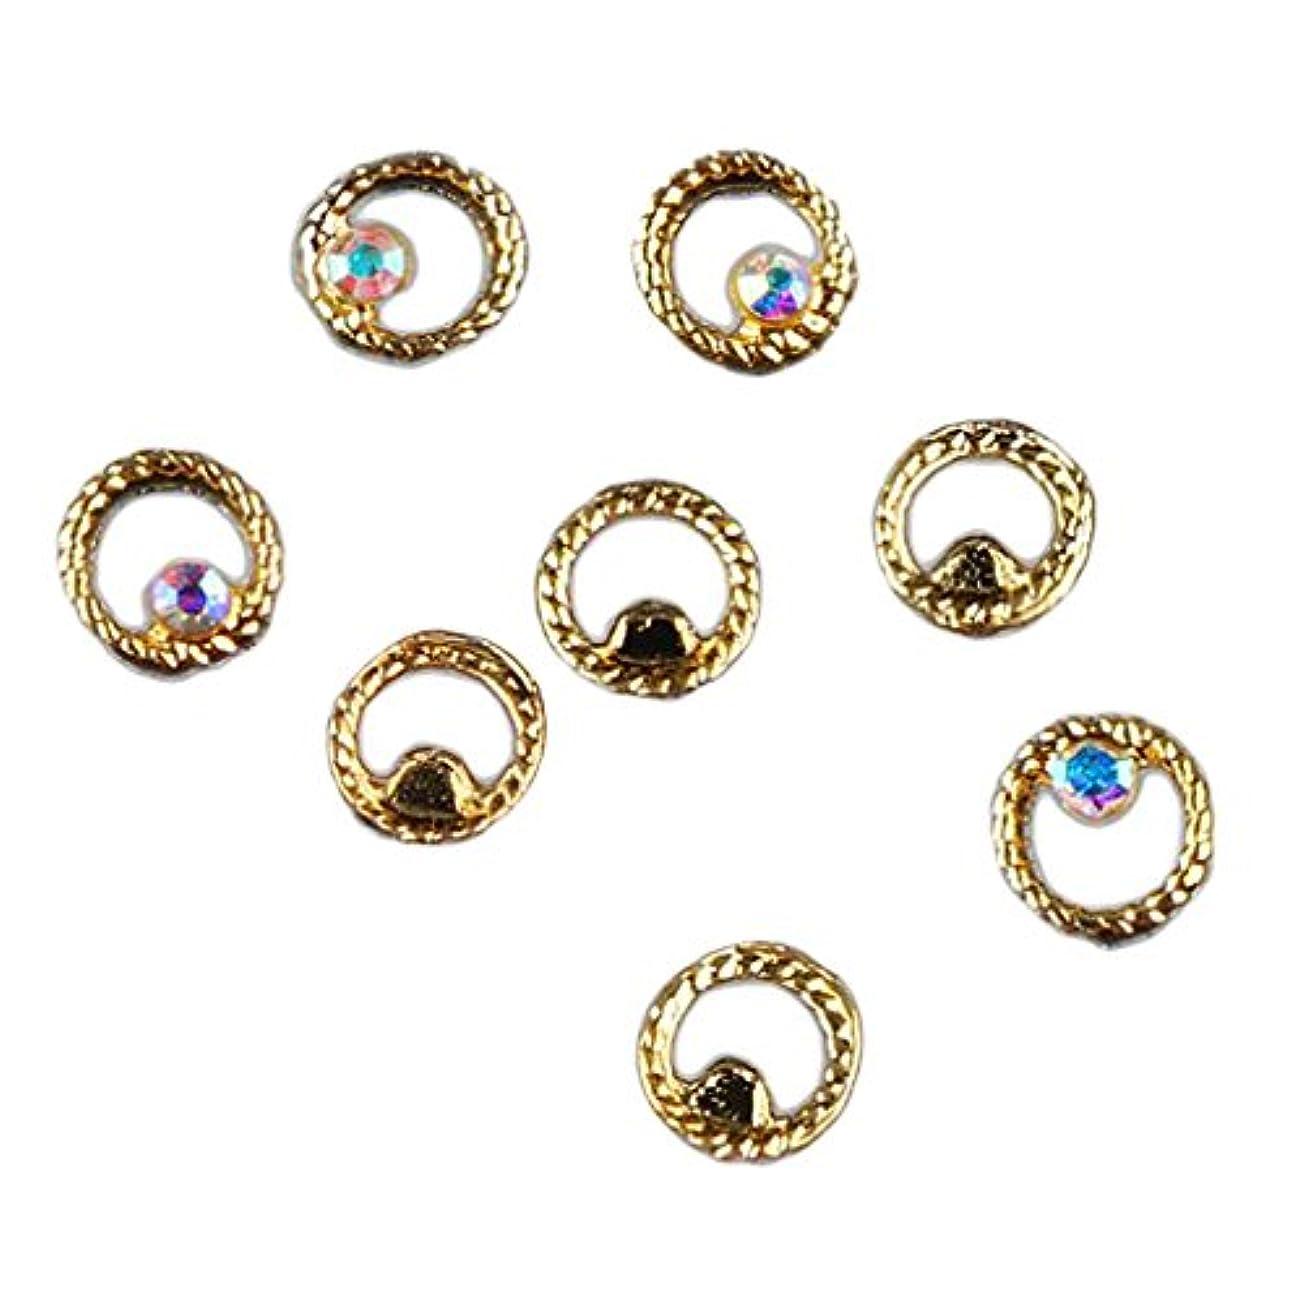 無傷気候の山案件マニキュア ダイヤモンド 約50個 3Dネイルアート ヒントステッカー 装飾 全8タイプ選べ - 3